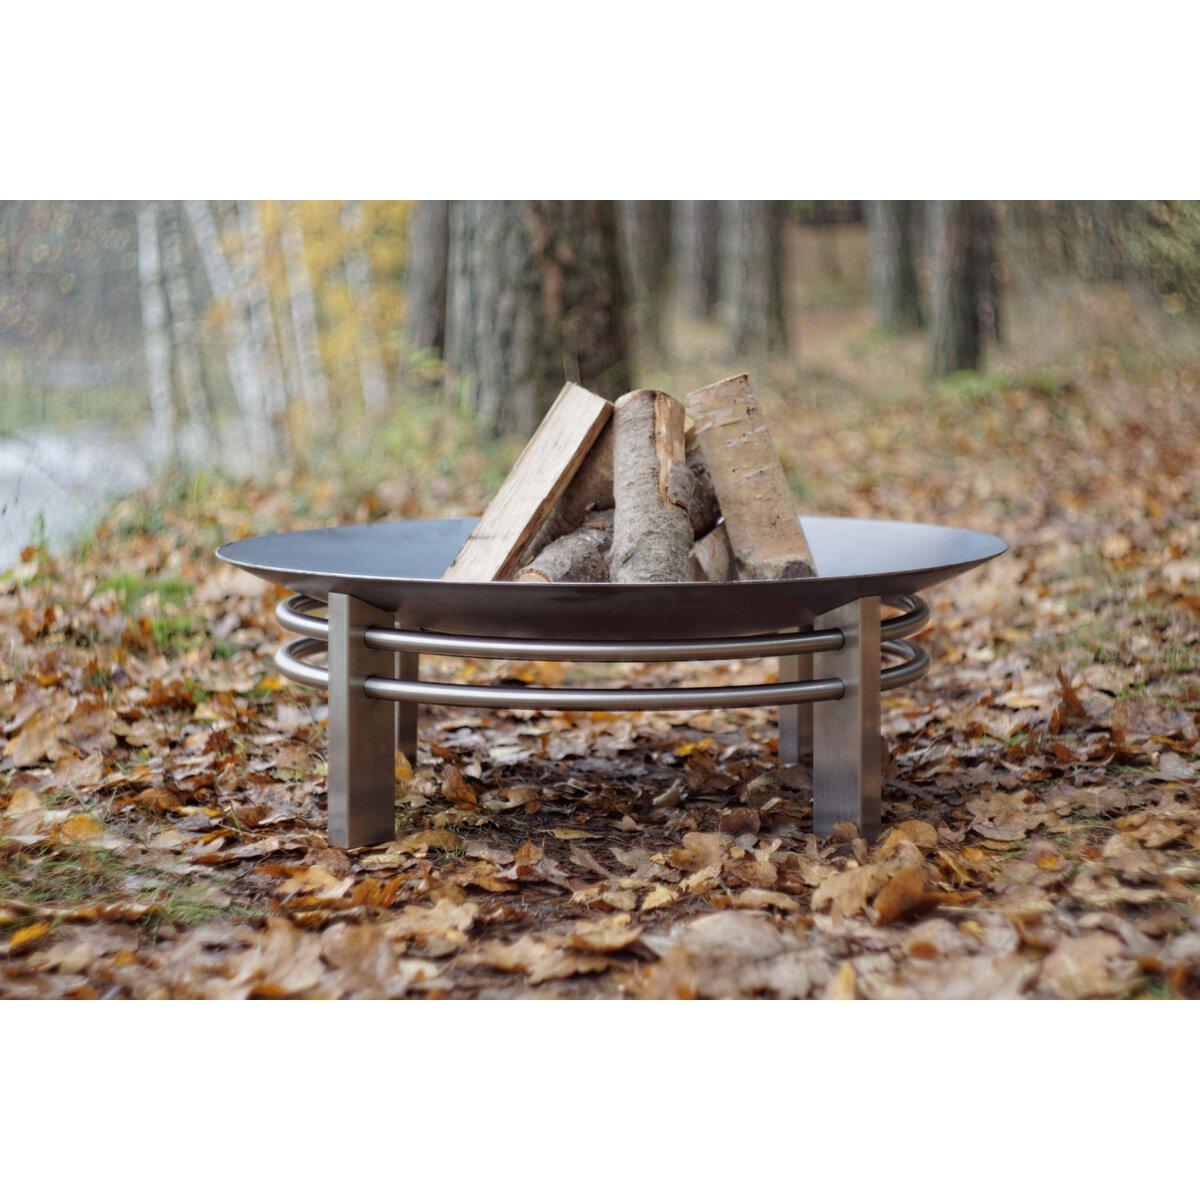 Schwenkgrill mit Kessel Gusseisen und Feuerschale 60cm Pan 41 Dreibein Grill BBQ